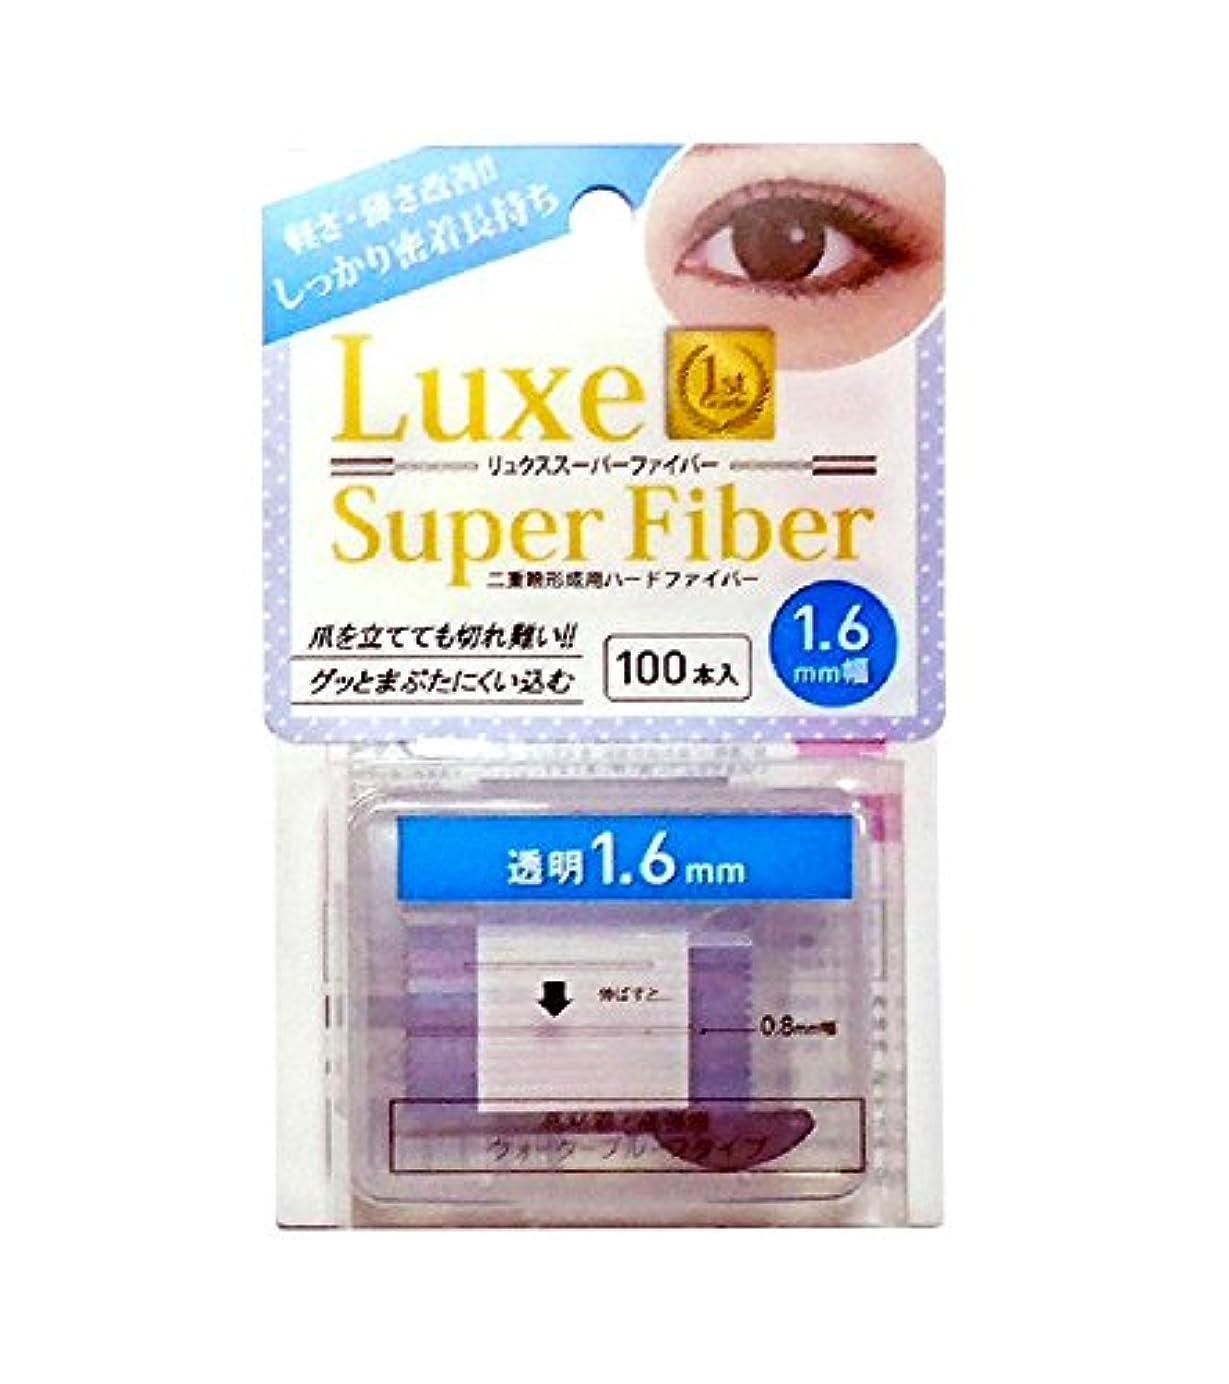 Luxe(リュクス) スーパーファイバーII 透明 クリア 1.6mm 100本入り